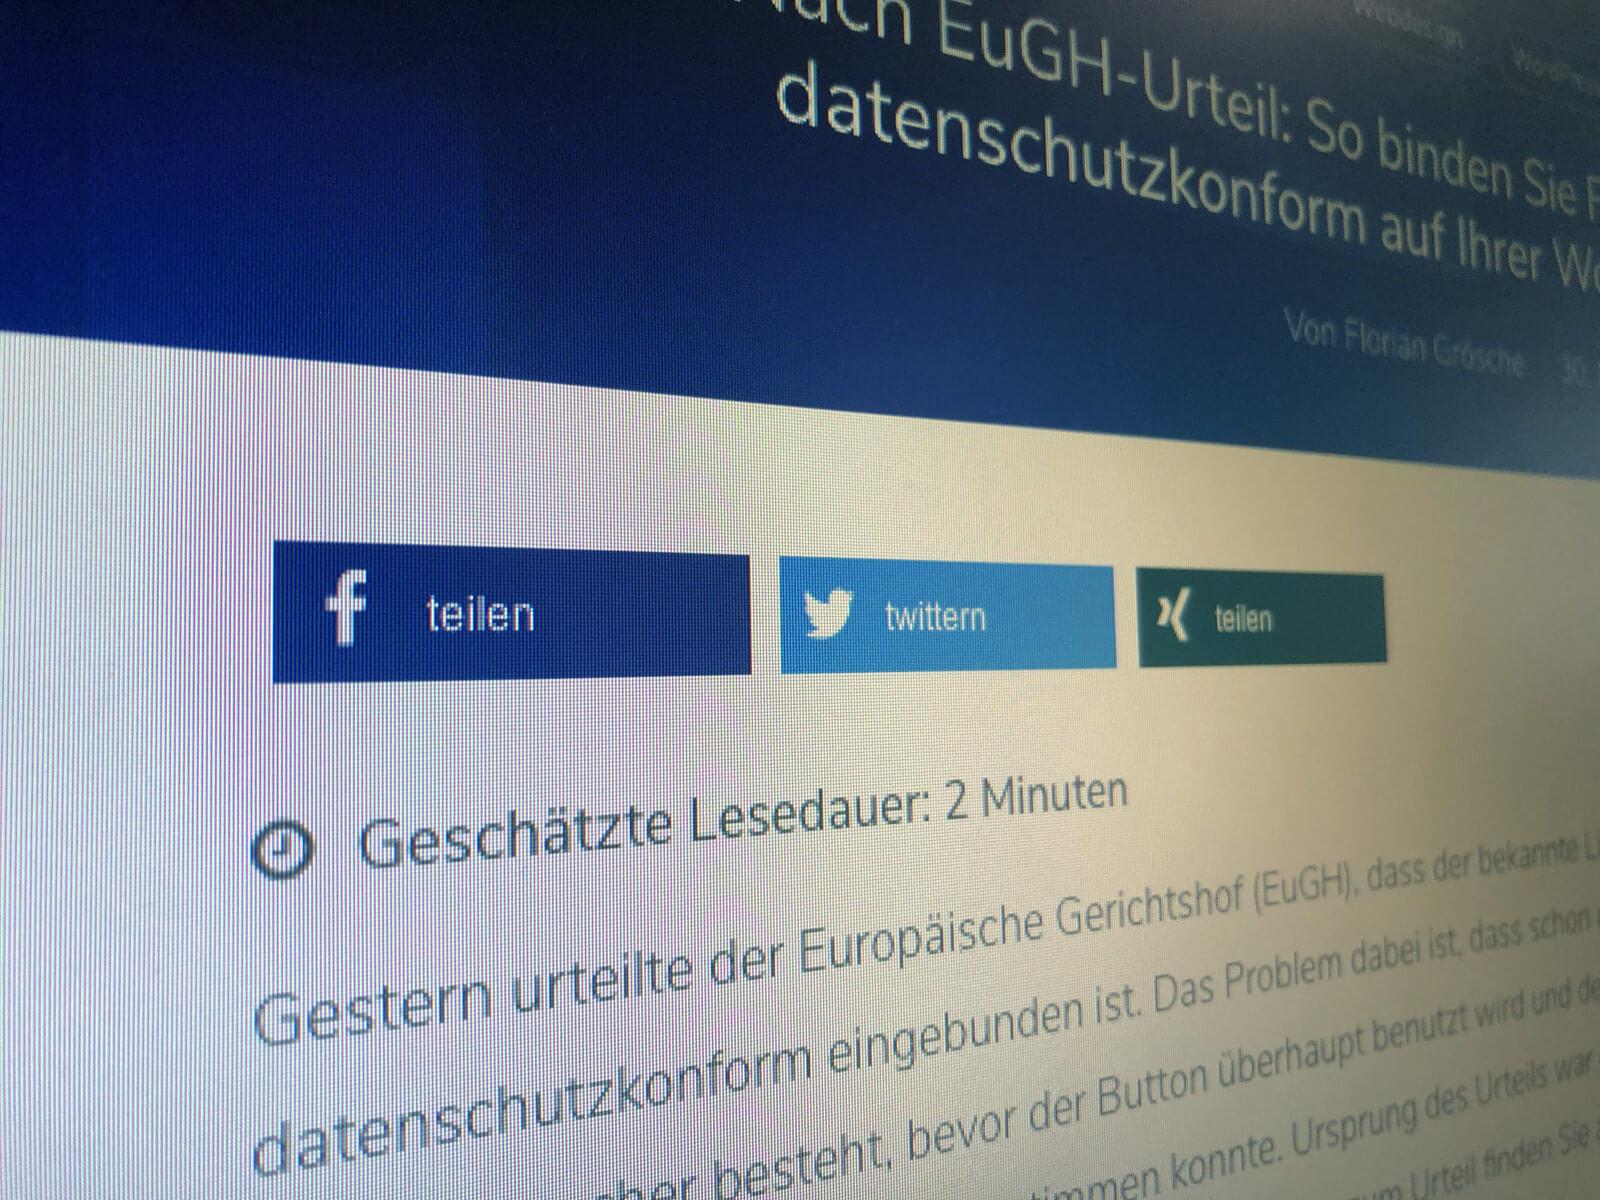 Nach EuGH-Urteil: So binden Sie Facebooks Like-Button datenschutzkonform auf Ihrer WordPress-Website ein